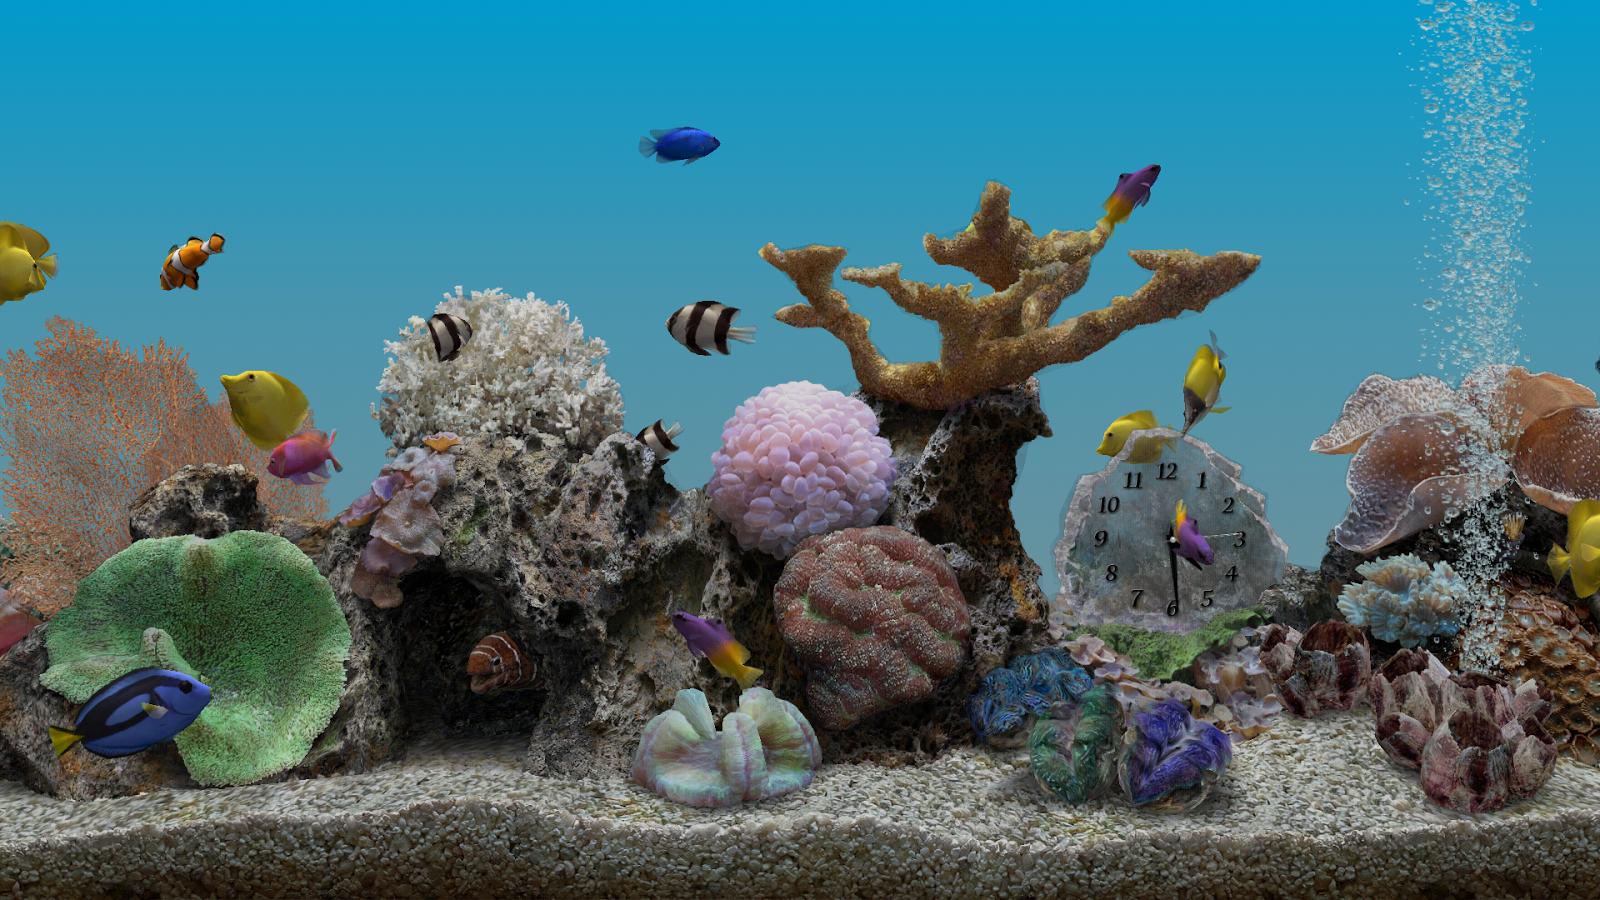 Marine aquarium 3 2 pro android apps on google play for Marina aquarium